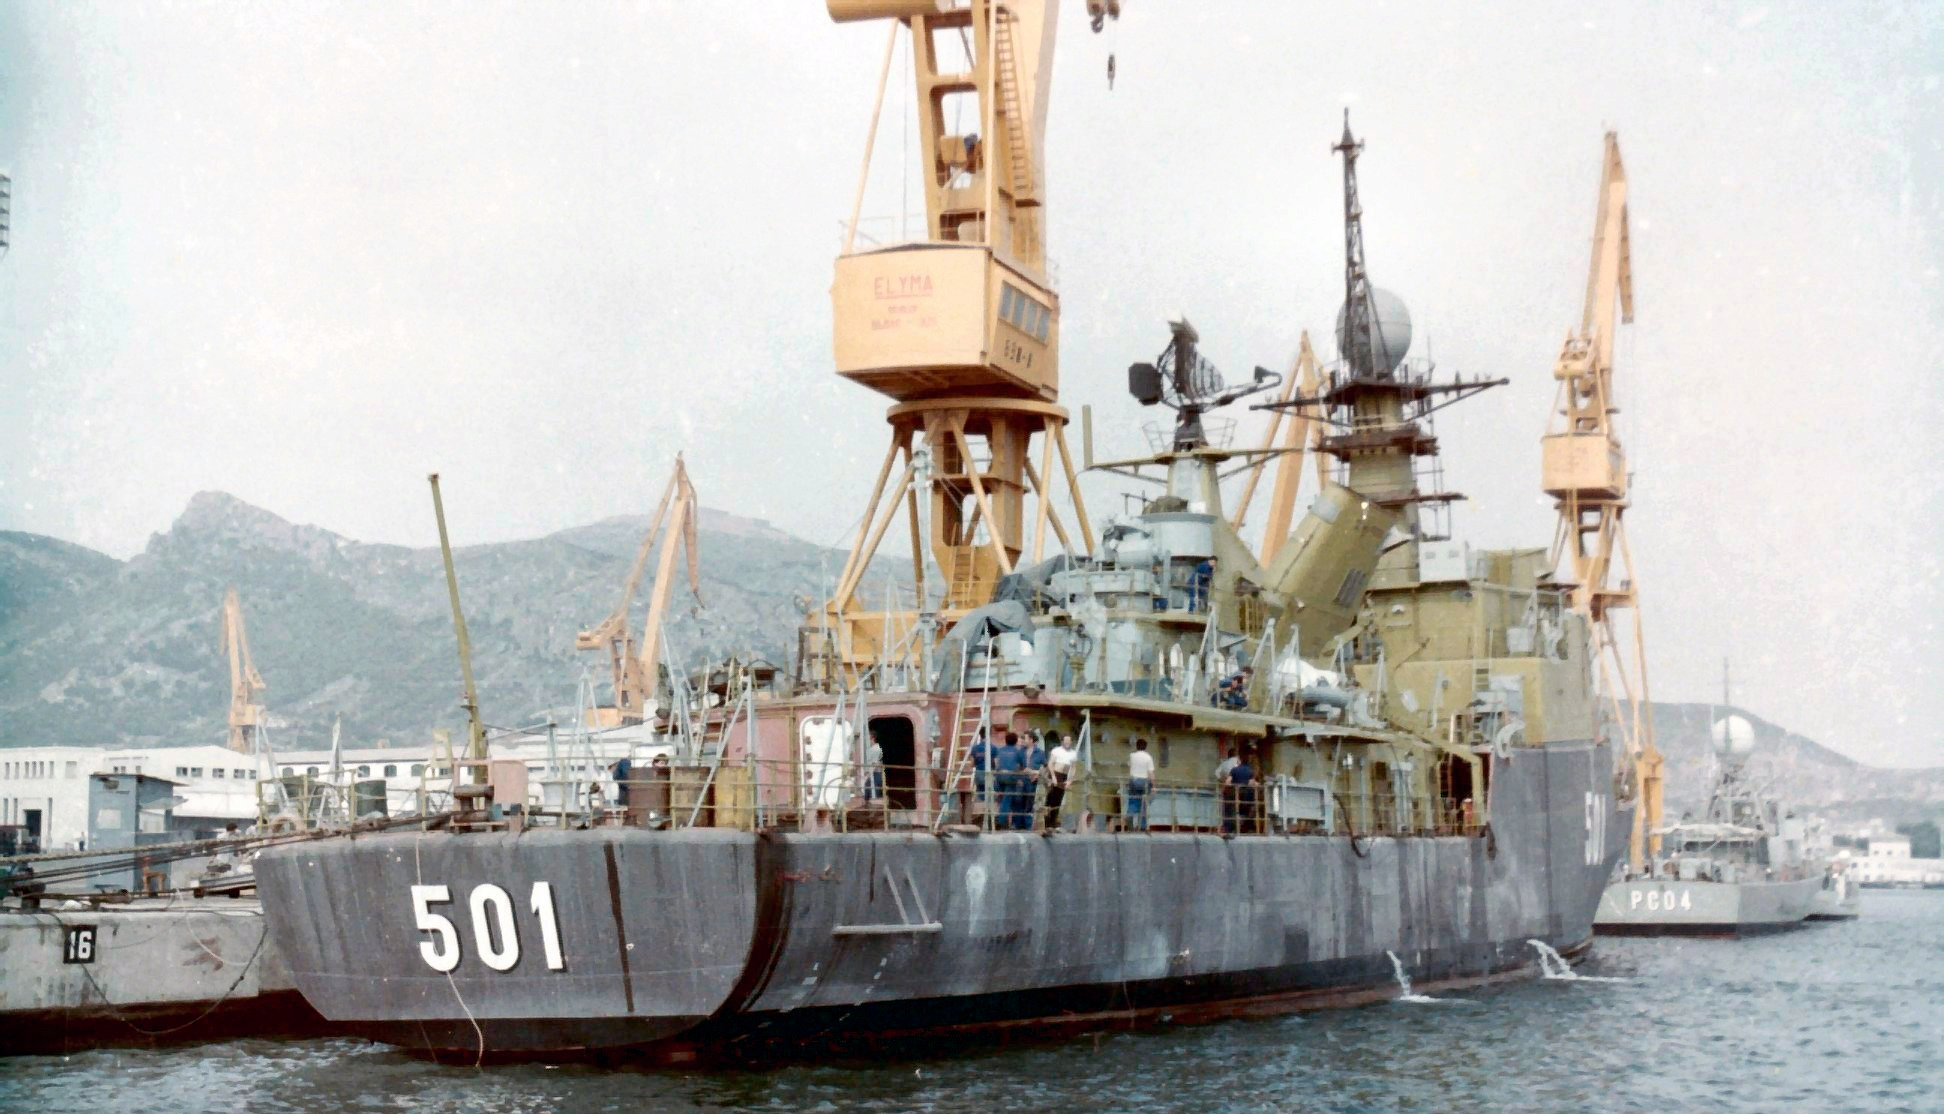 Royal Moroccan Navy Descubierta Frigate / Corvette Lt Cl Errahmani - Bâtiment École - Page 4 Clipb502